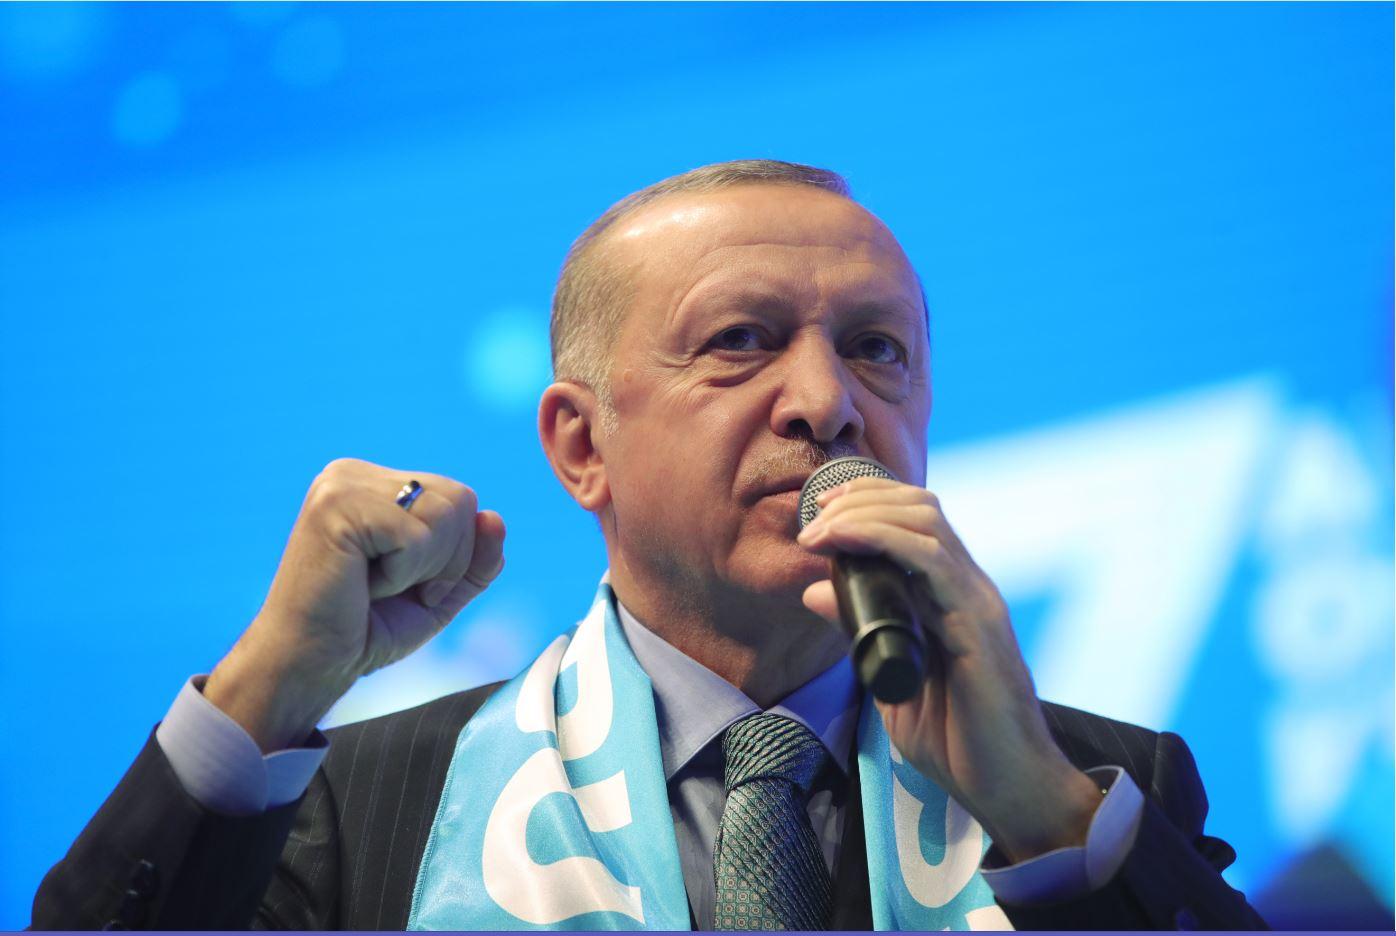 أردوغان بتعهد بتسريع العمل على تحسين ومراقبة حقوق الإنسان (الأوربية)